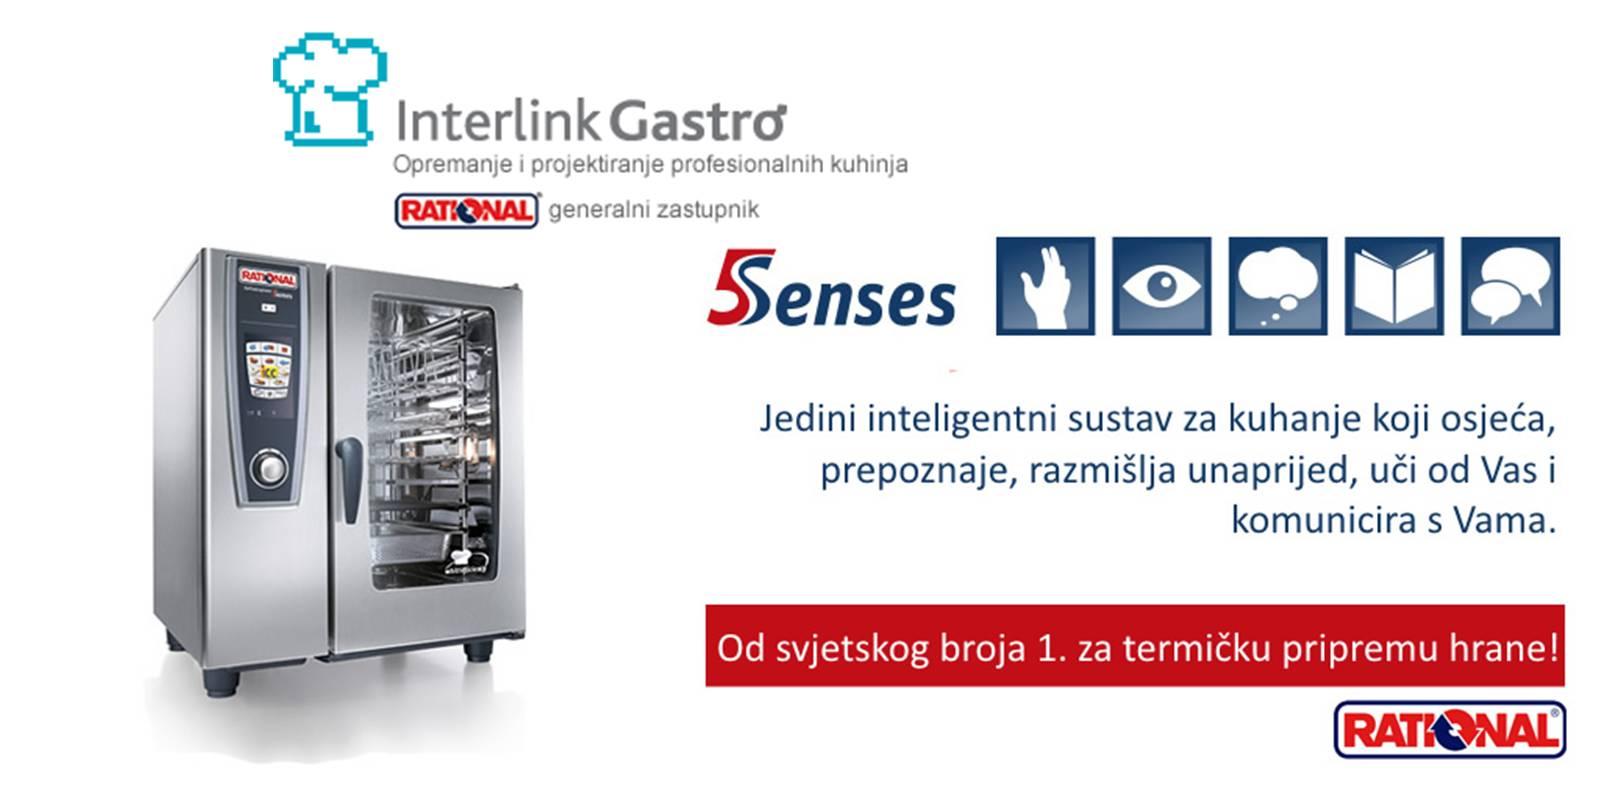 INTERLINK GASTRO WEB 2